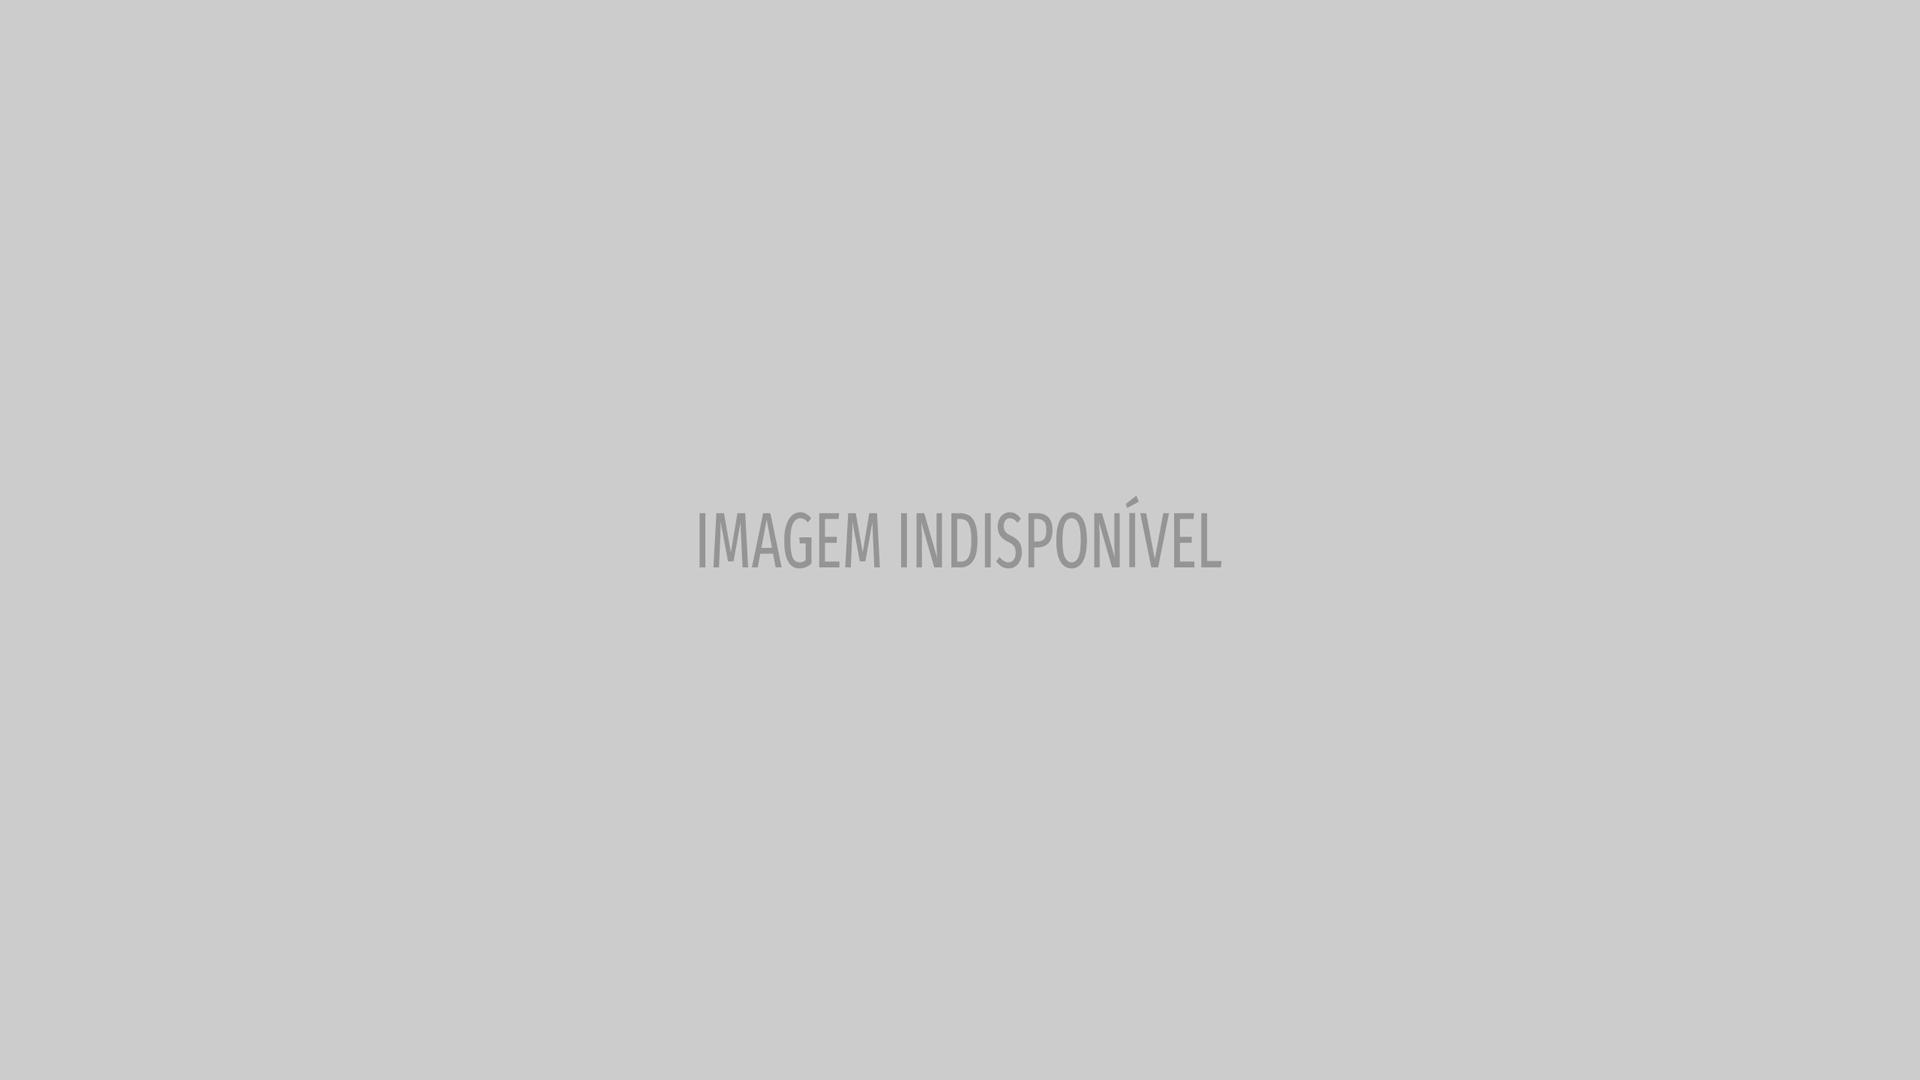 Diretora da Vogue Brasil é acusada de promover festa racista